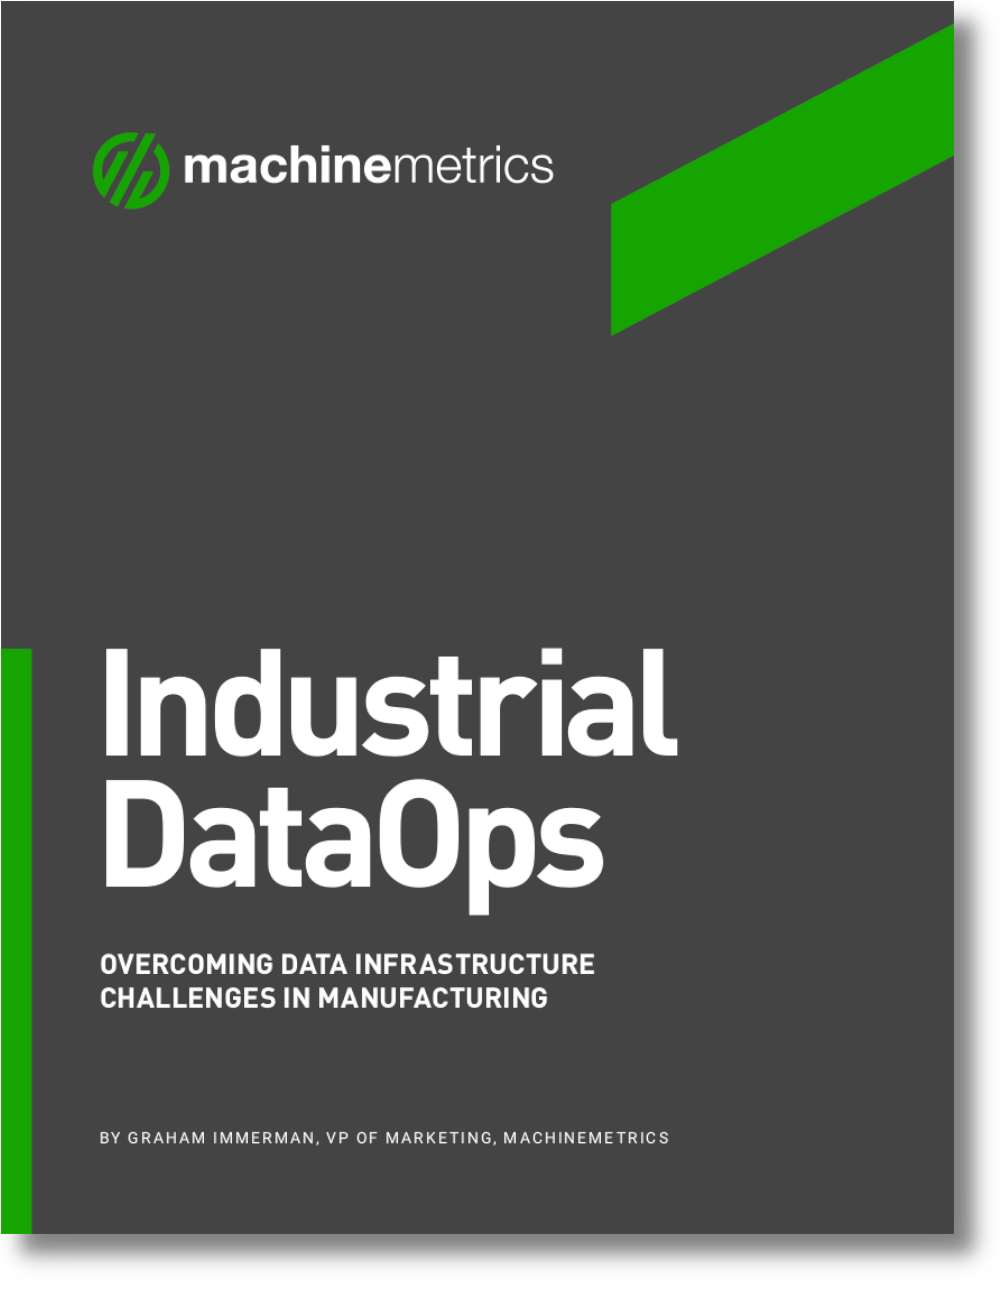 Industrial DataOps eBook